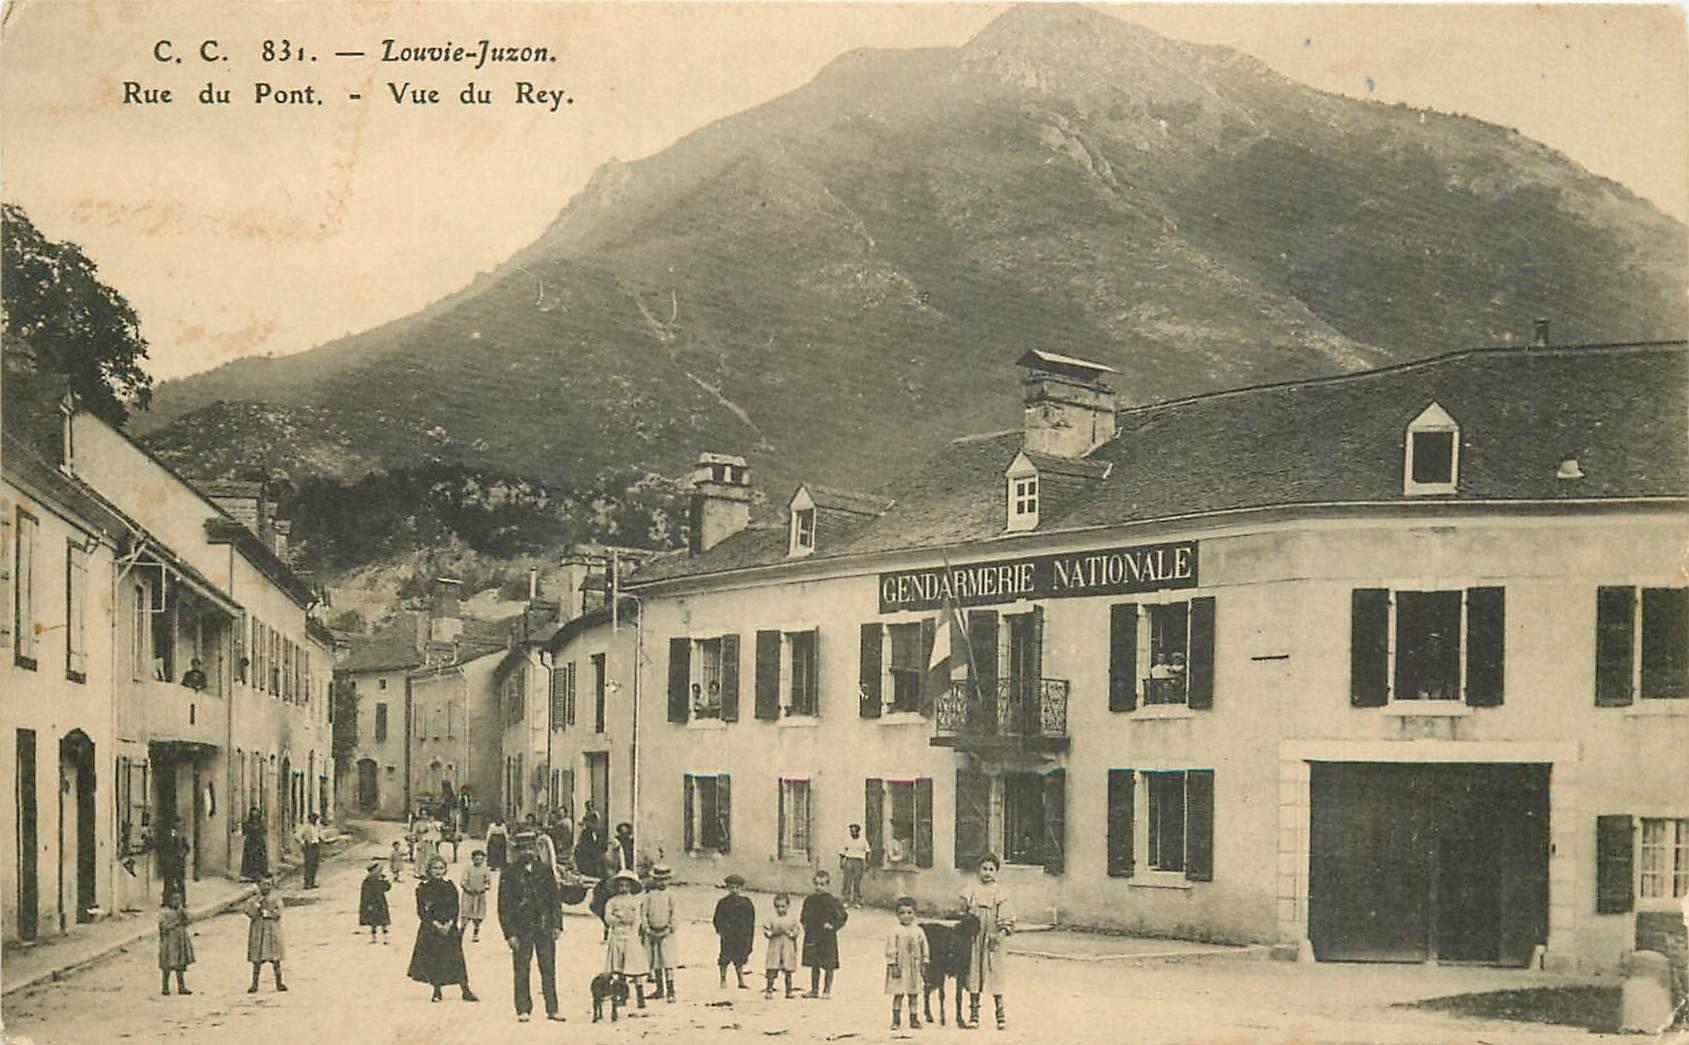 64 YZESTE LOUVIE JUZON. Gendarmerie Nationale rue du Pont vue du Rey 1913